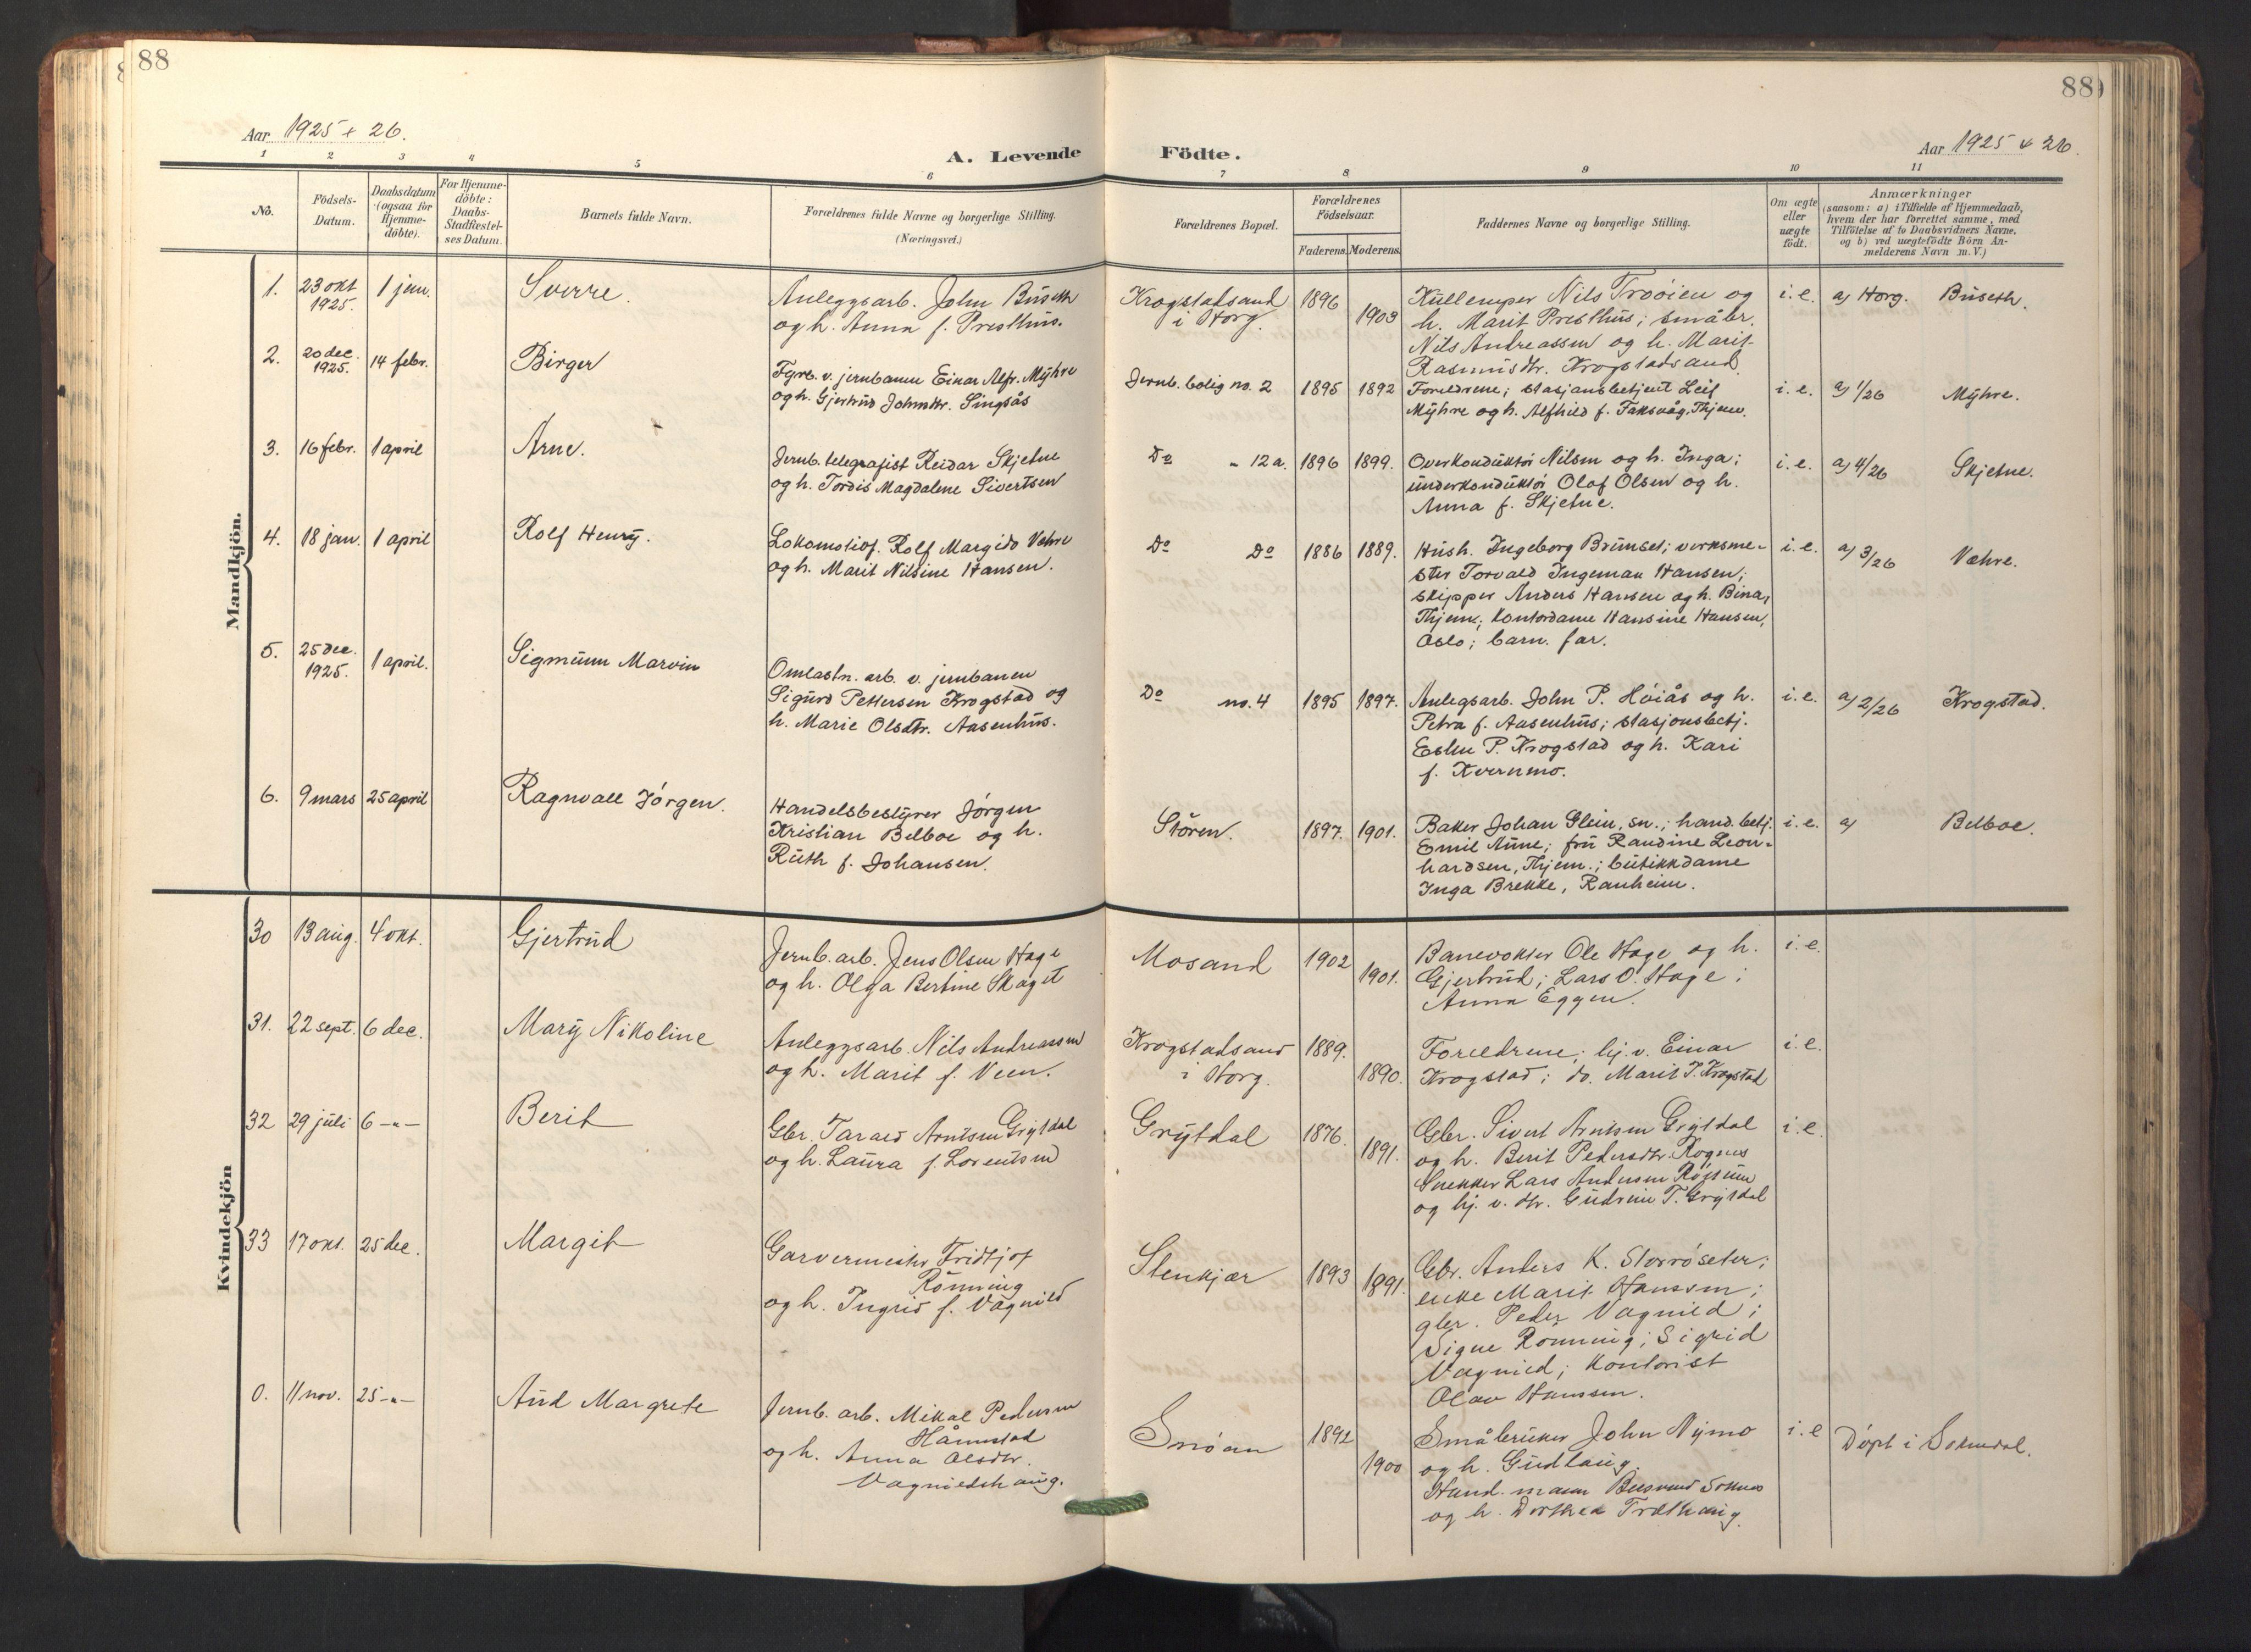 SAT, Ministerialprotokoller, klokkerbøker og fødselsregistre - Sør-Trøndelag, 687/L1019: Klokkerbok nr. 687C03, 1904-1931, s. 88